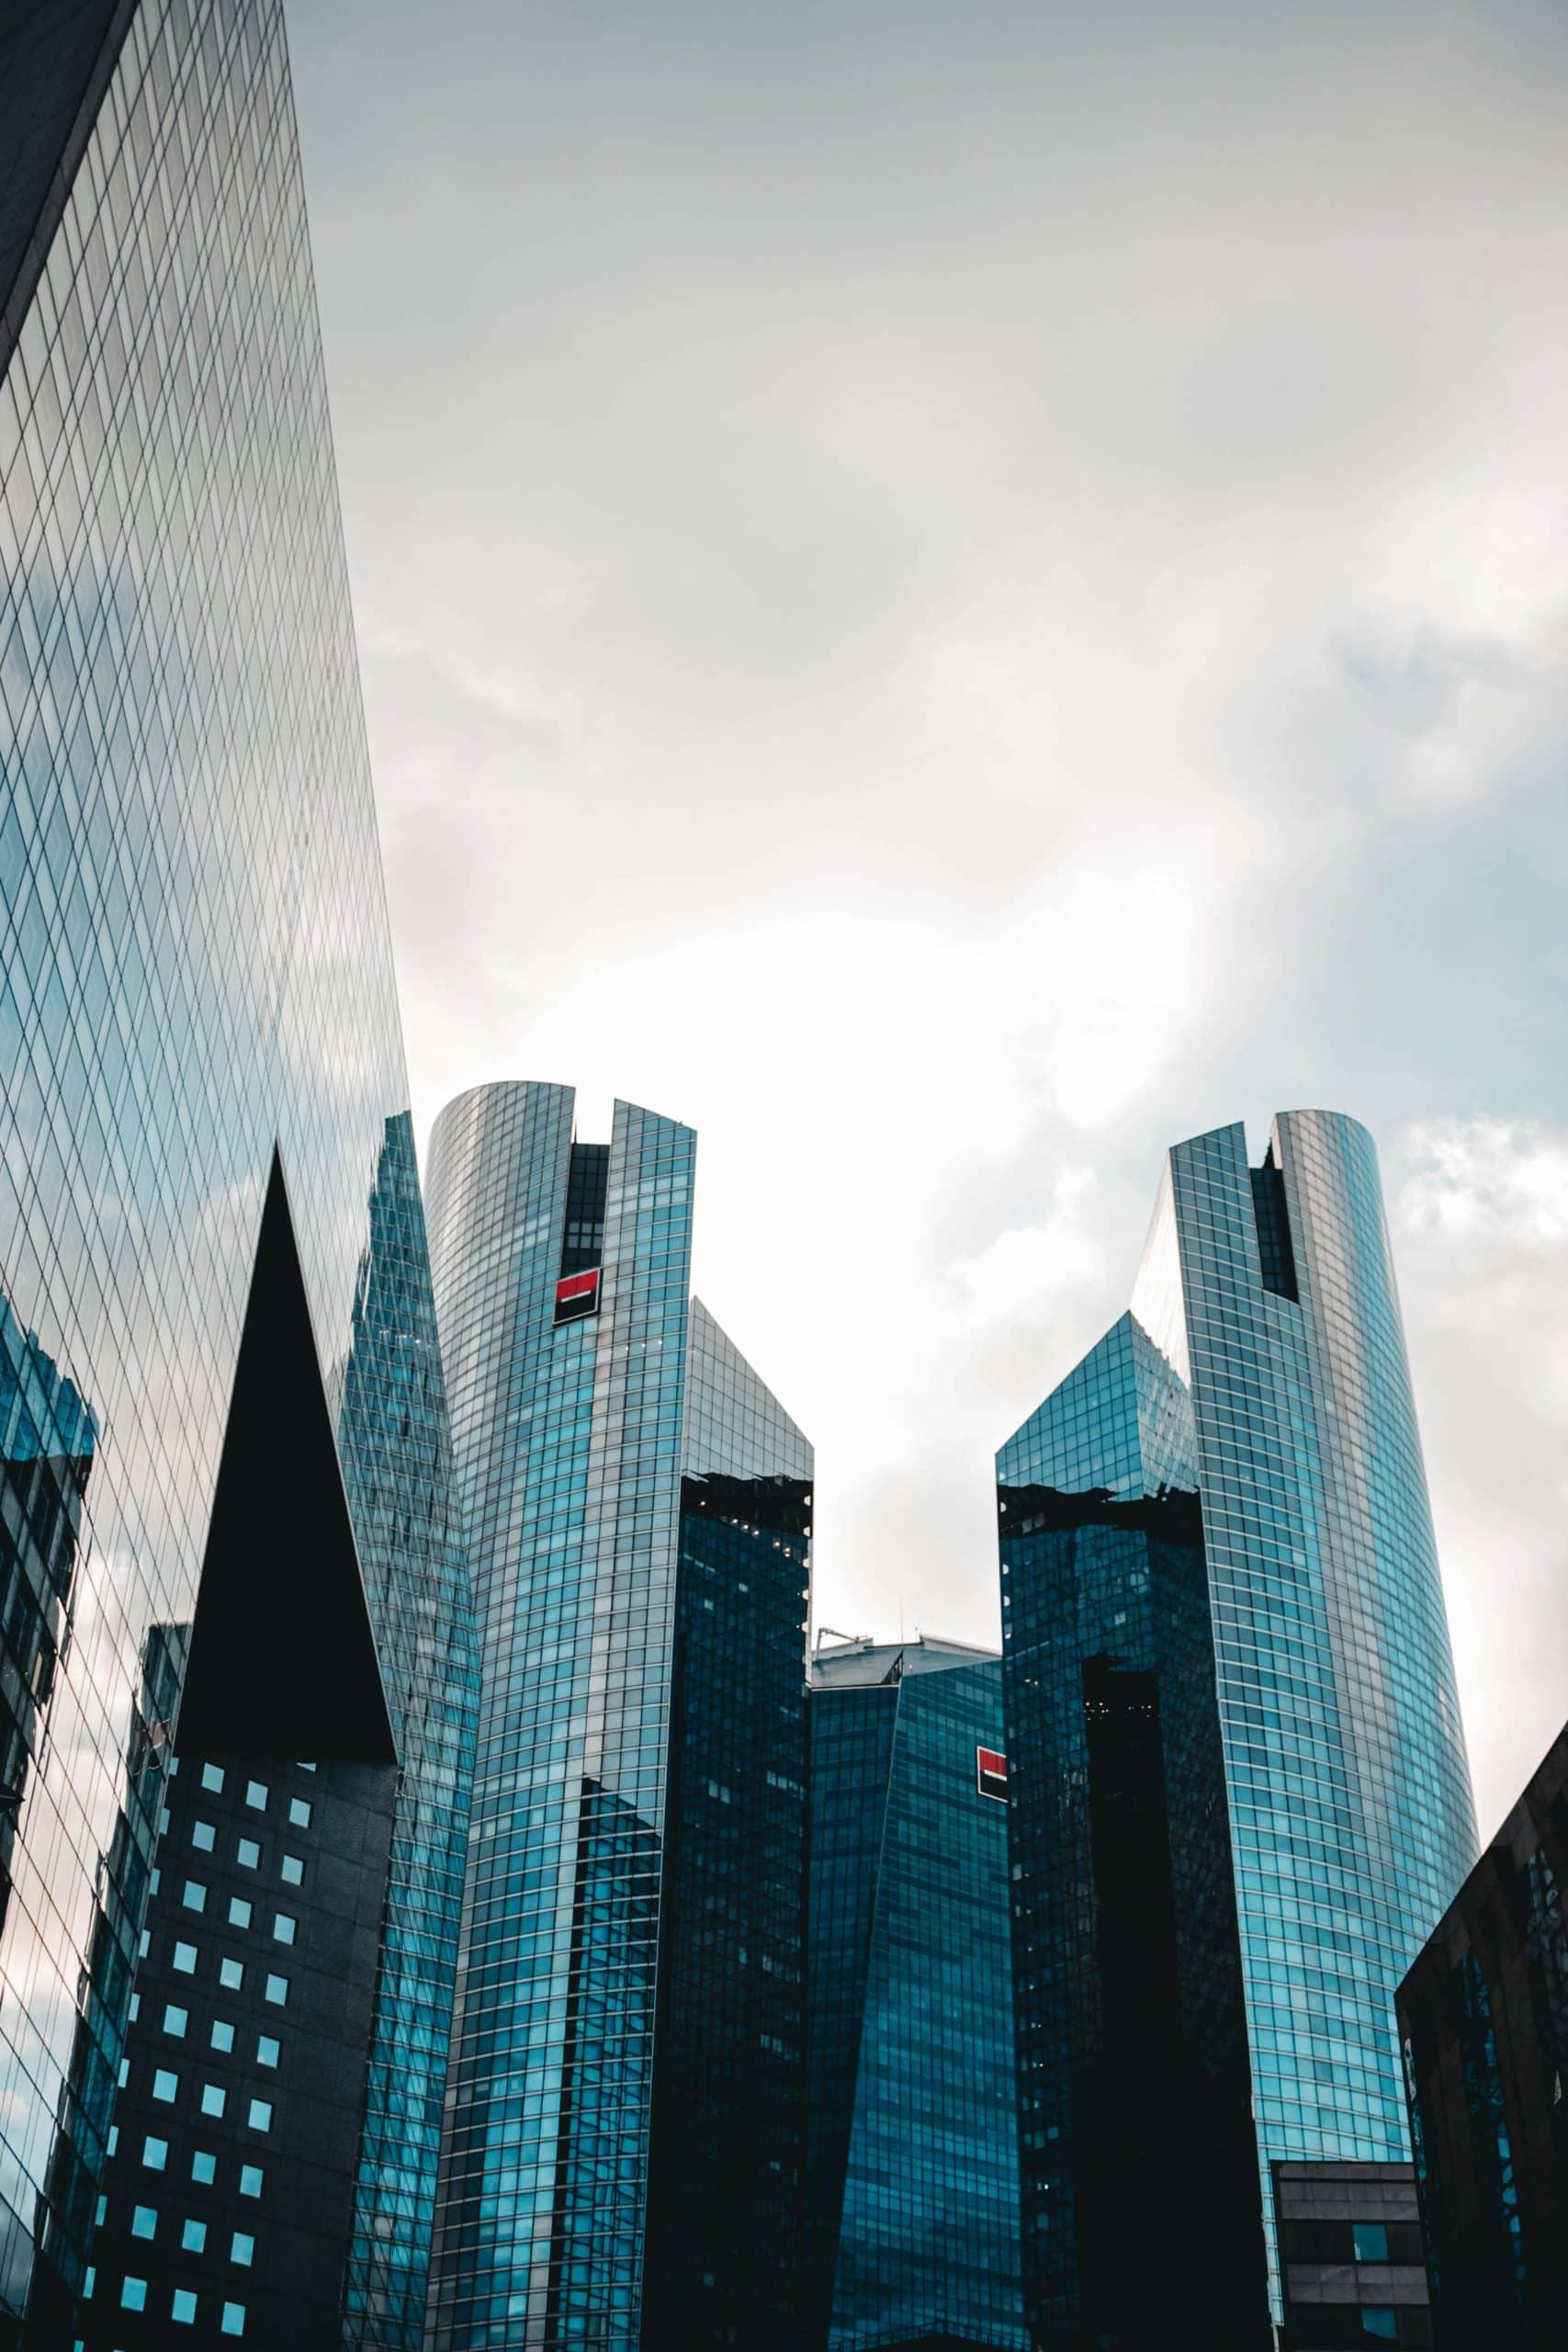 Image principale de l'article Profitez des meilleures offres de bienvenue bancaire